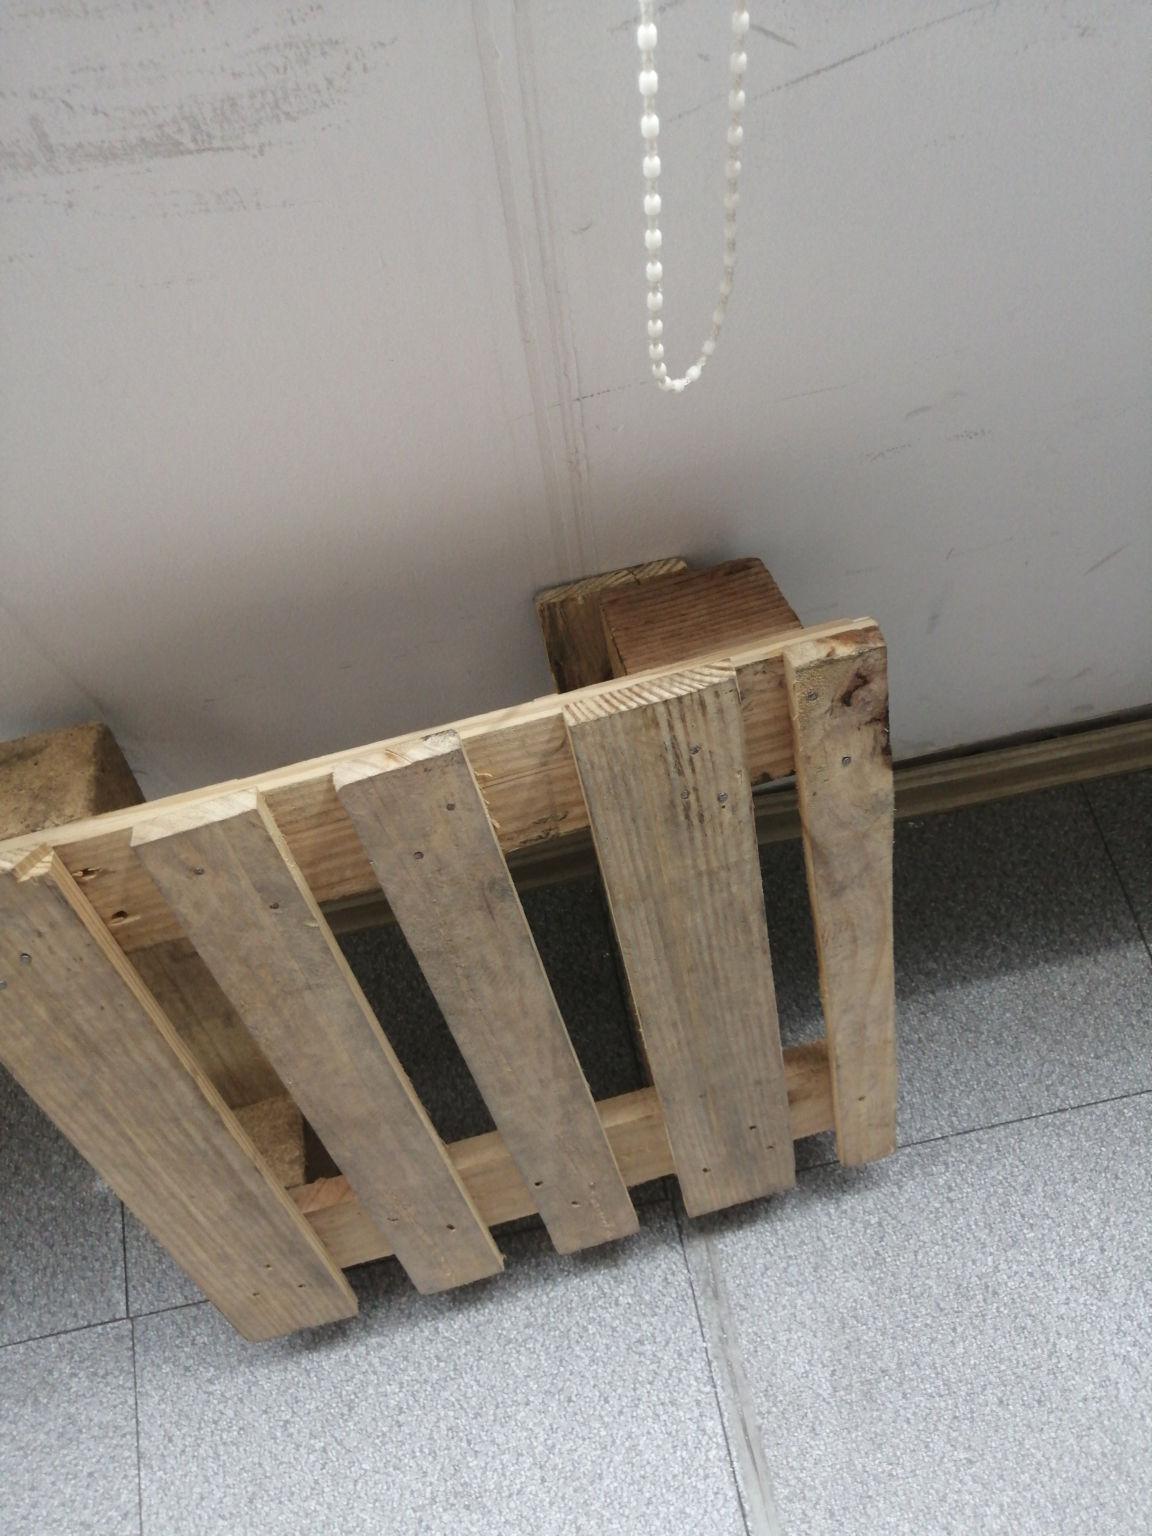 苏州专业承重木托盘 - 批发厂家